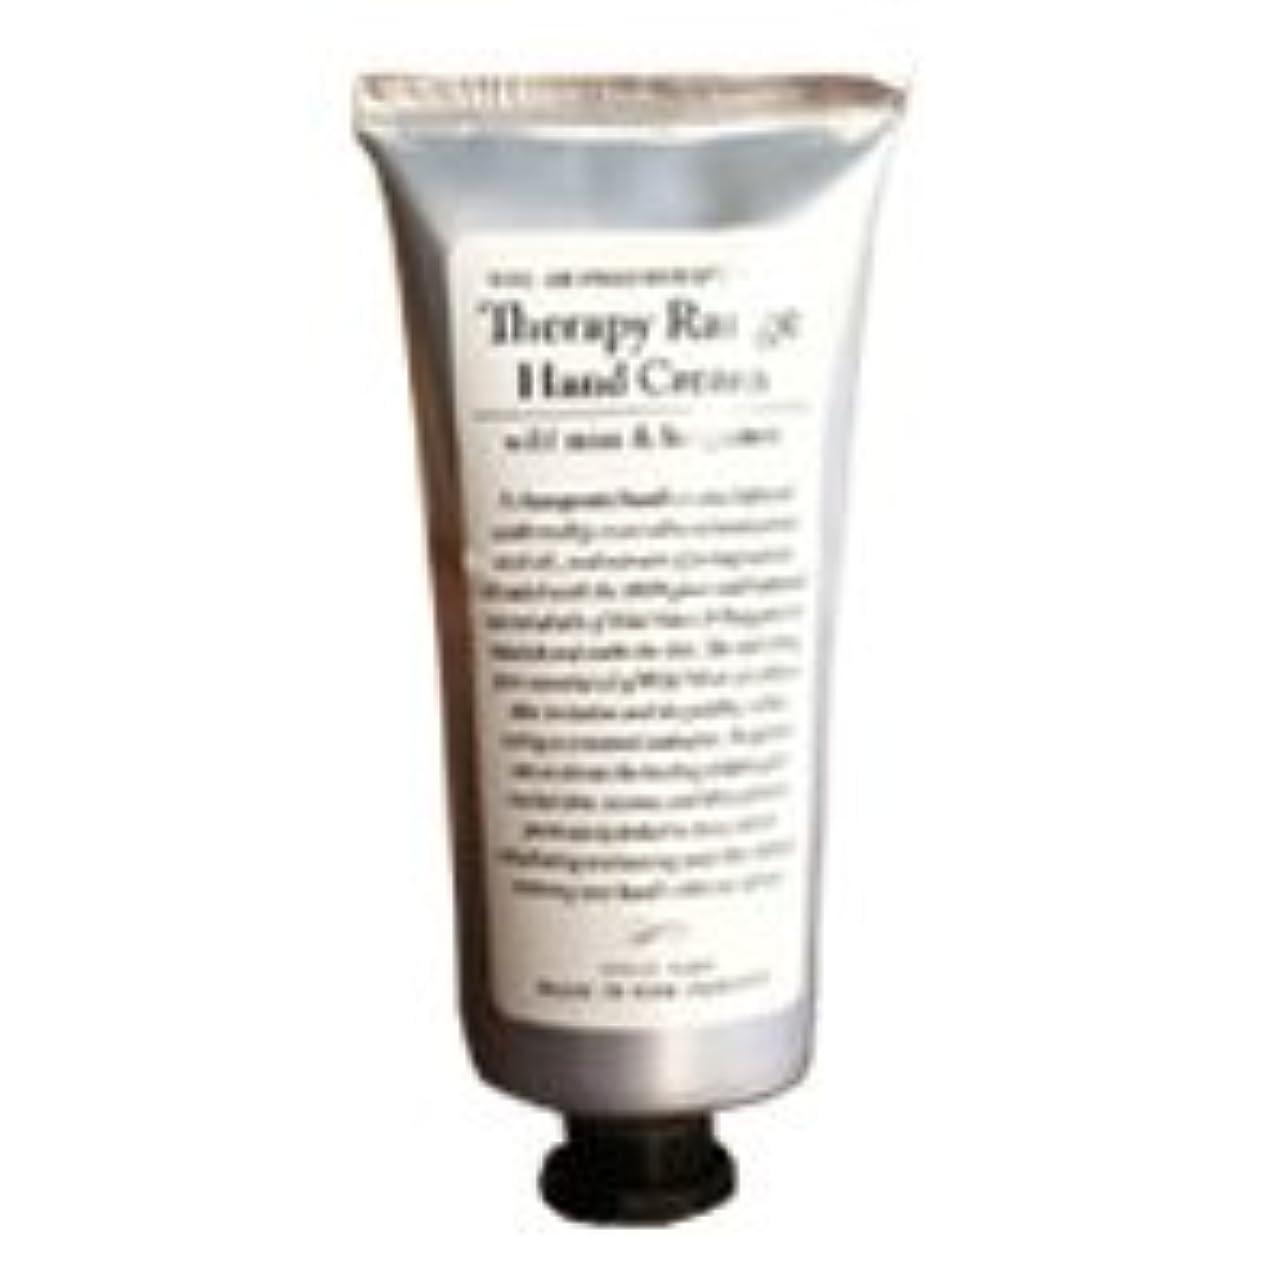 ミリメートル寸前シンポジウムTherapy Range(セラピーレンジ) Nourishiing Hand Cream ハンドクリーム ワンサイズ ワイルドミント&ベルガモット